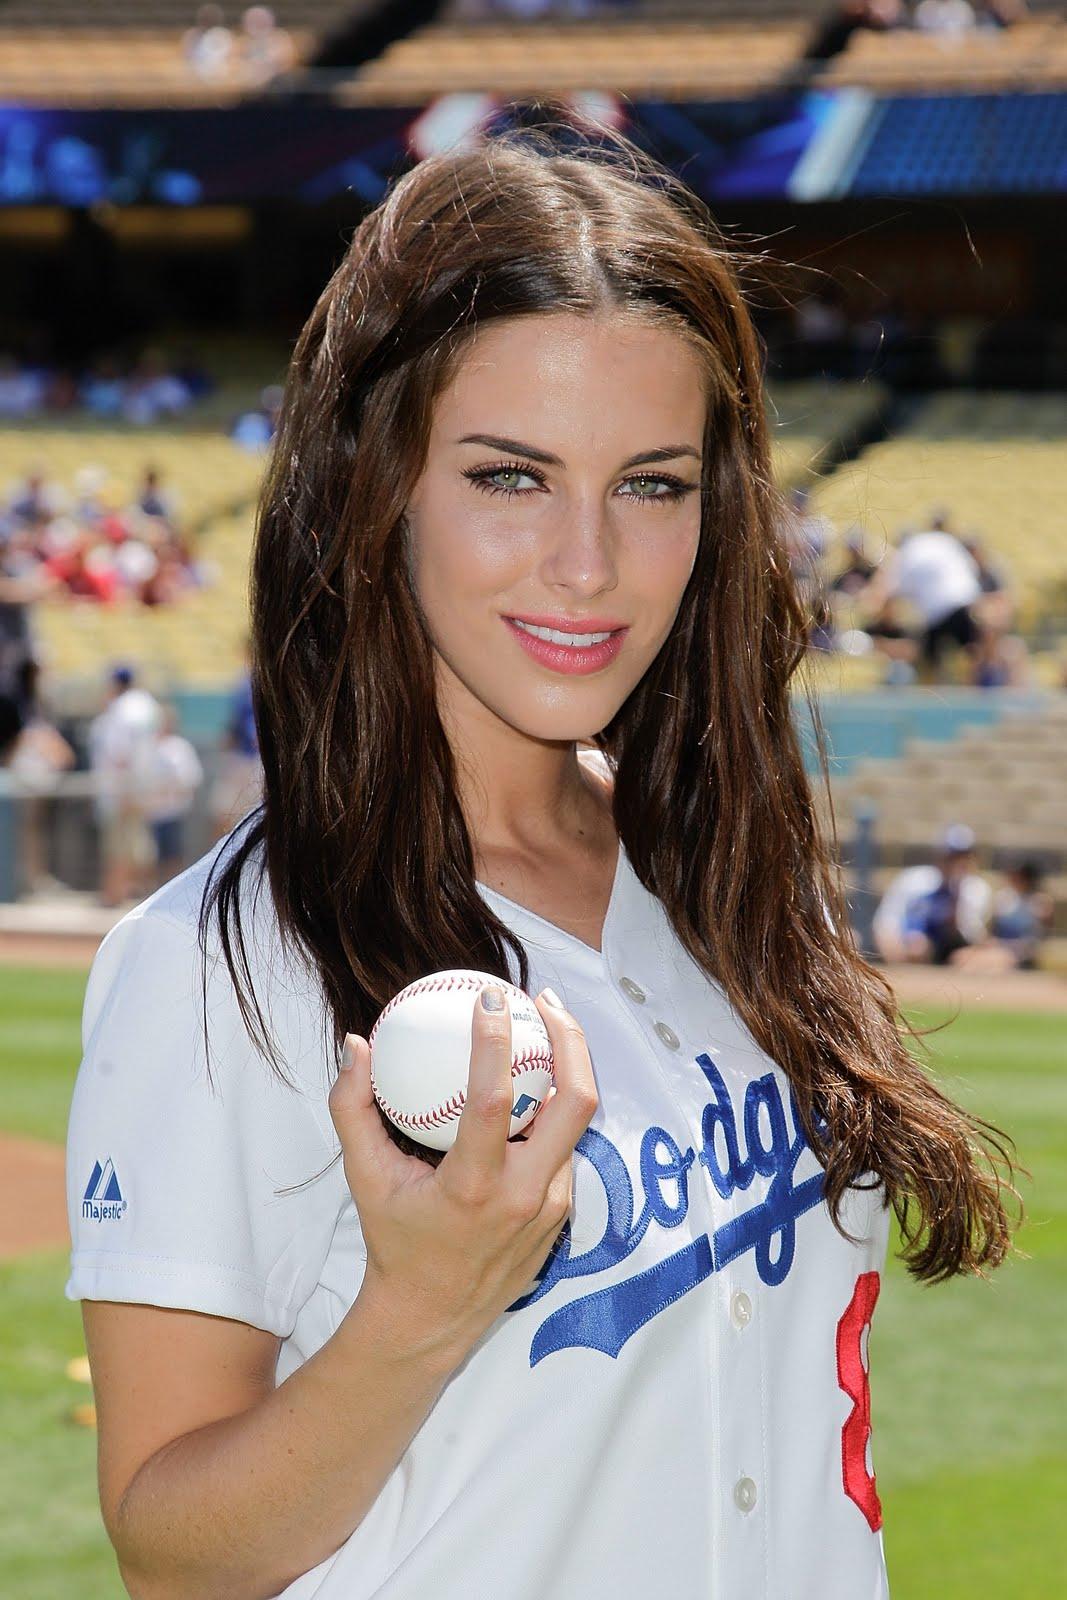 Gossip Freak 90210 Cast At Dodgers Stadium